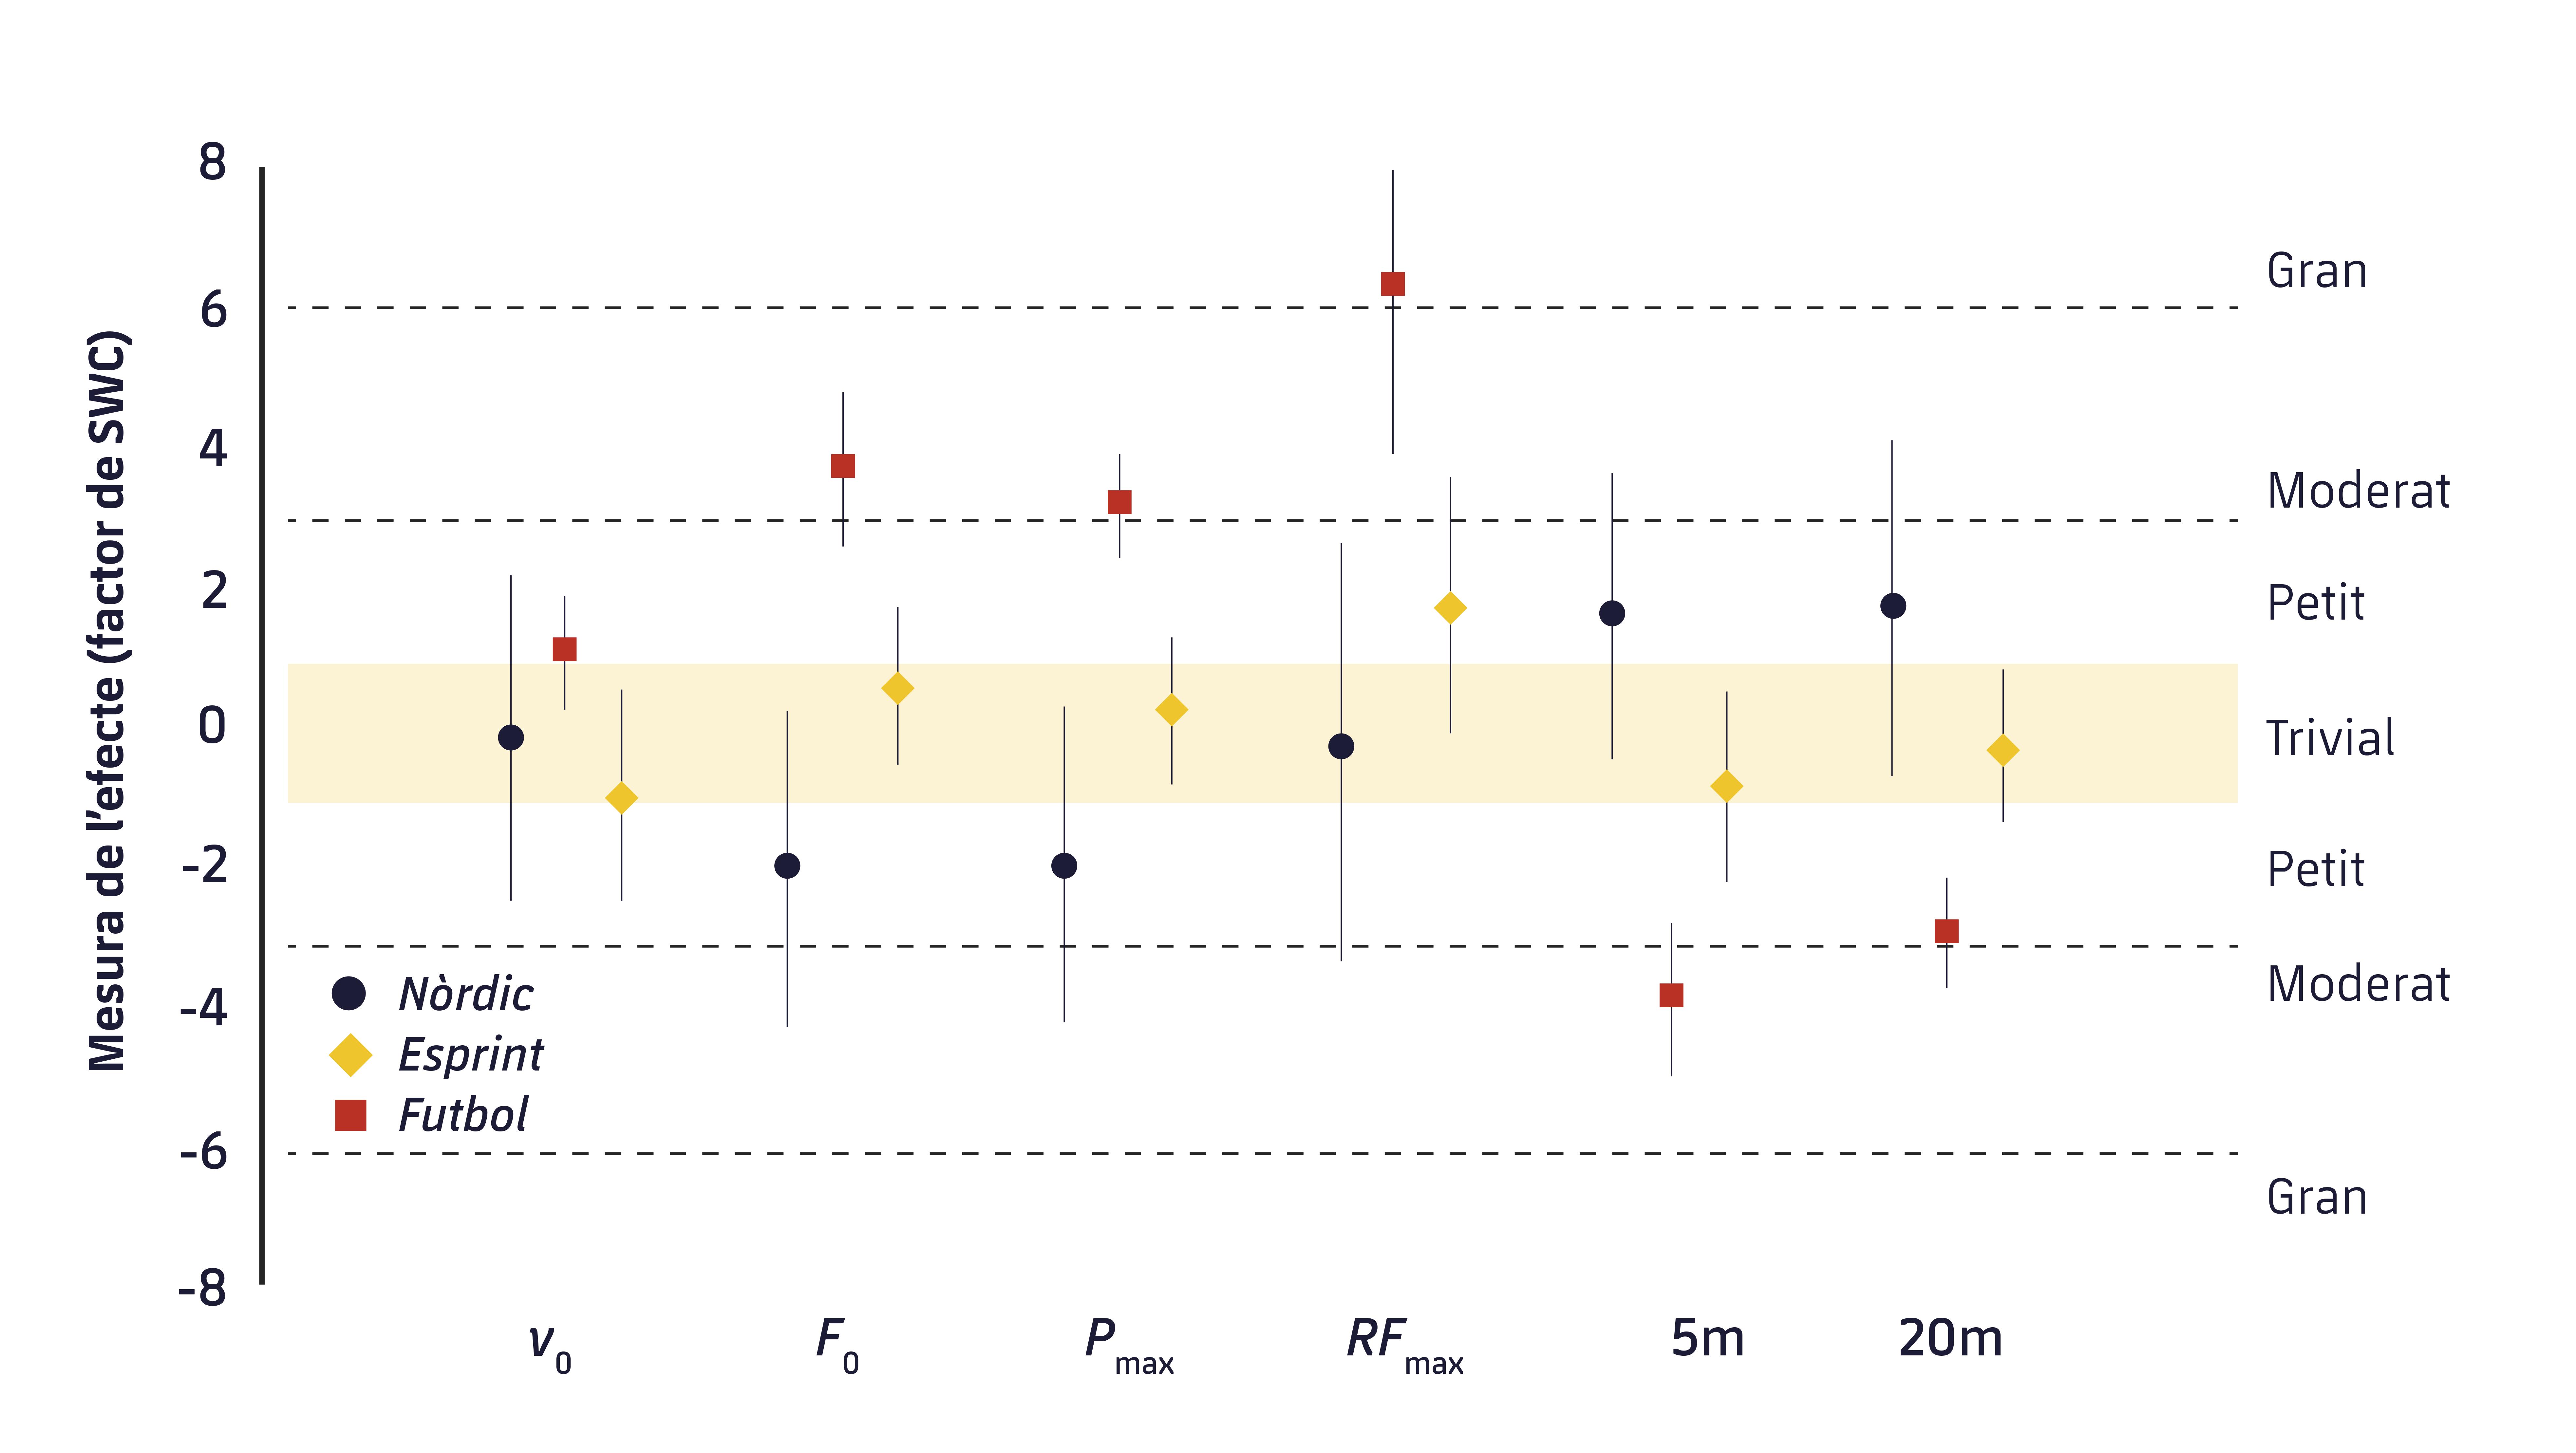 Figura 1. Magnitud dels canvis pre i post en el rendiment de l'esprint. v0: Velocitat màxima; F0 = força màxima; Pmax = potència màxima; RFmax = màxim valor de la ràtio de força; 5 m: temps d'esprint de 5 m; 20 m: temps d'esprint de 20 m.9